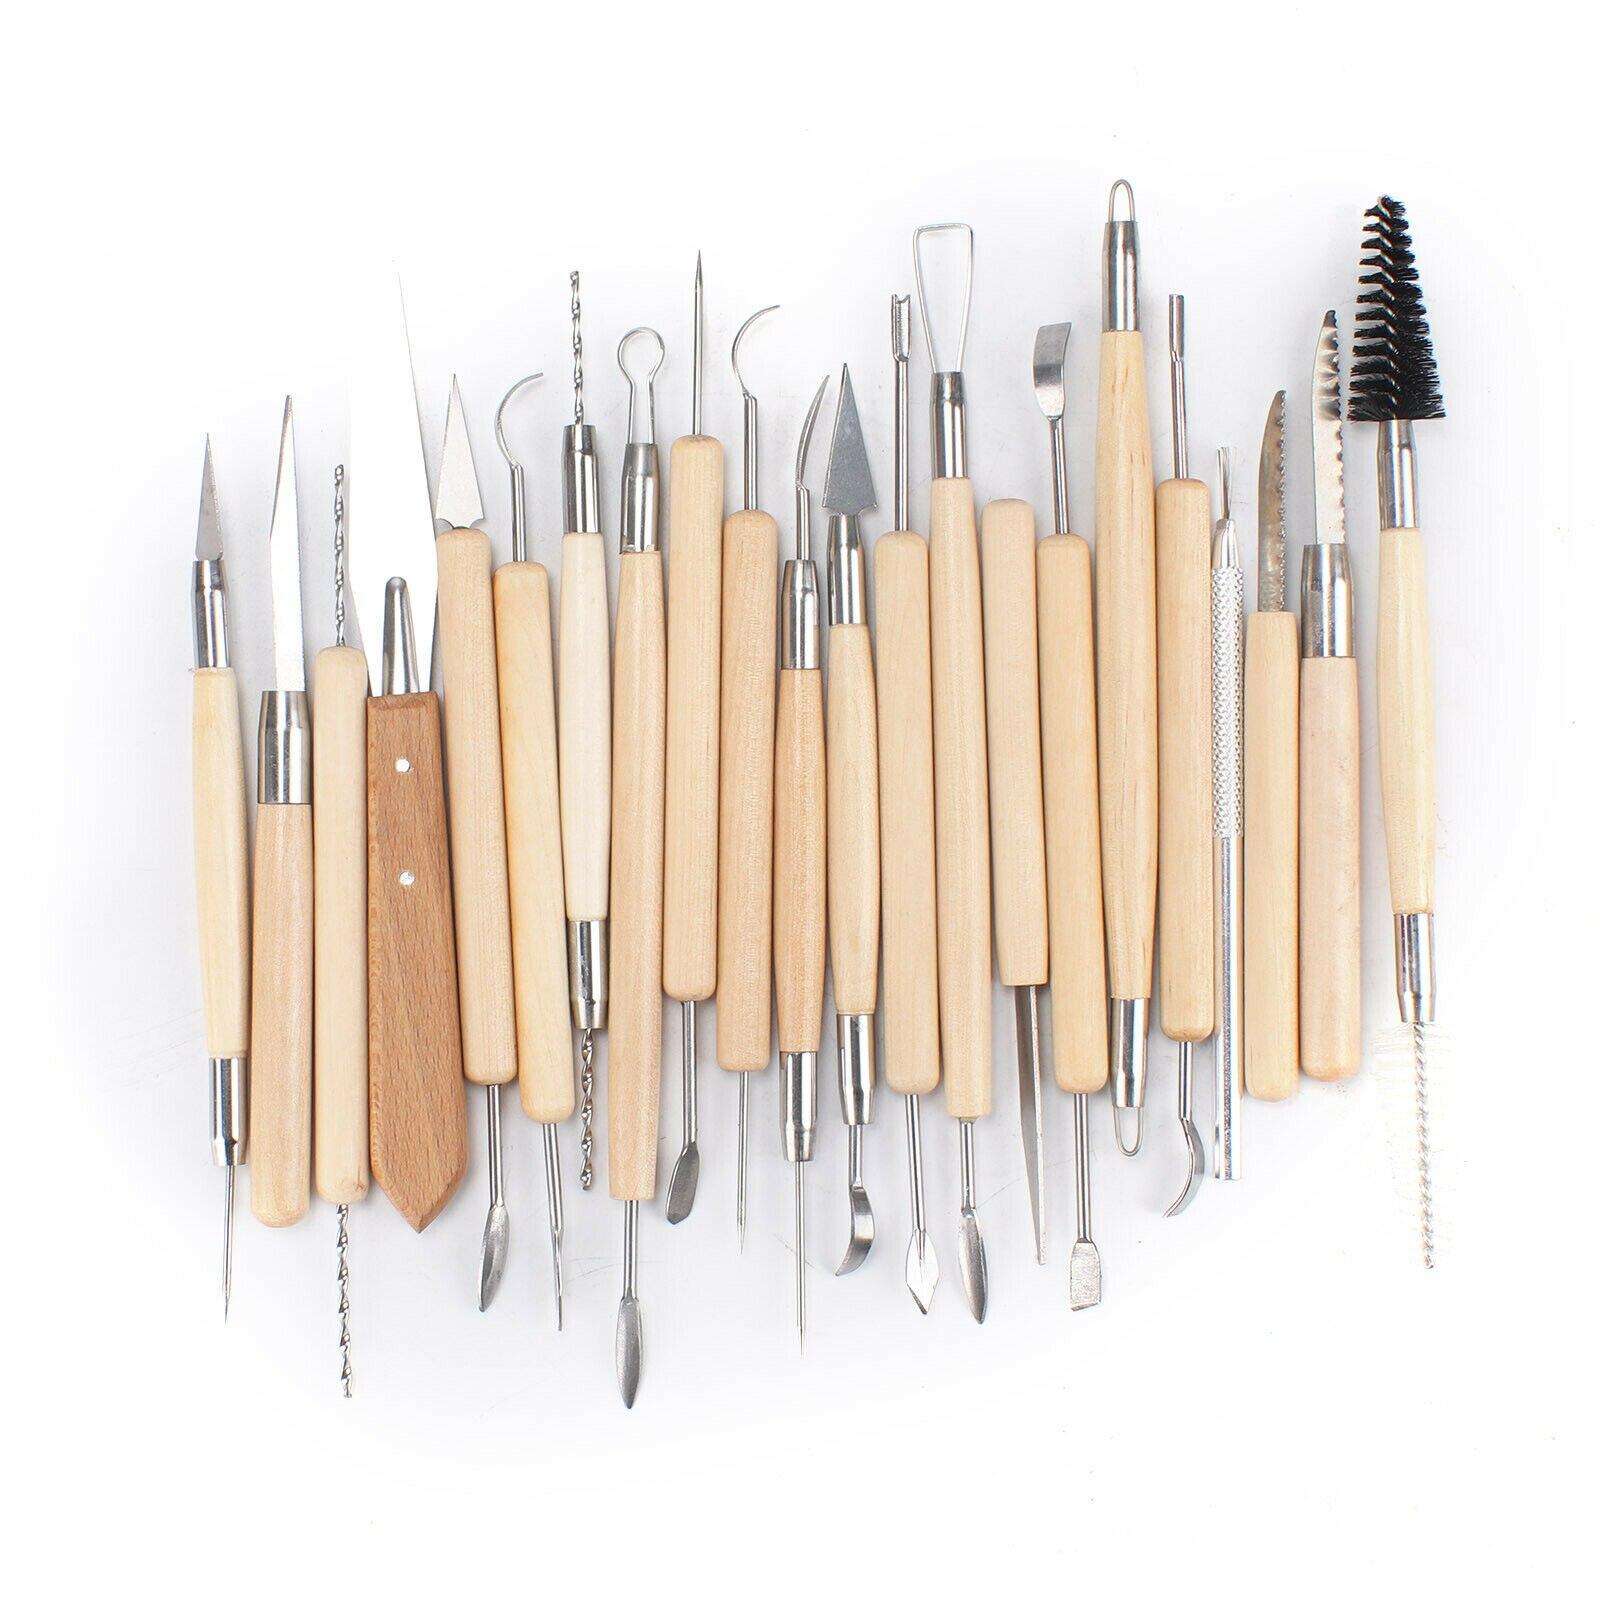 42 pièces Polymère Argile Outil de Sculpture Ensemble Bois Modèles Projets Artistiques Poterie outils de bricolage En Bois Artisanat